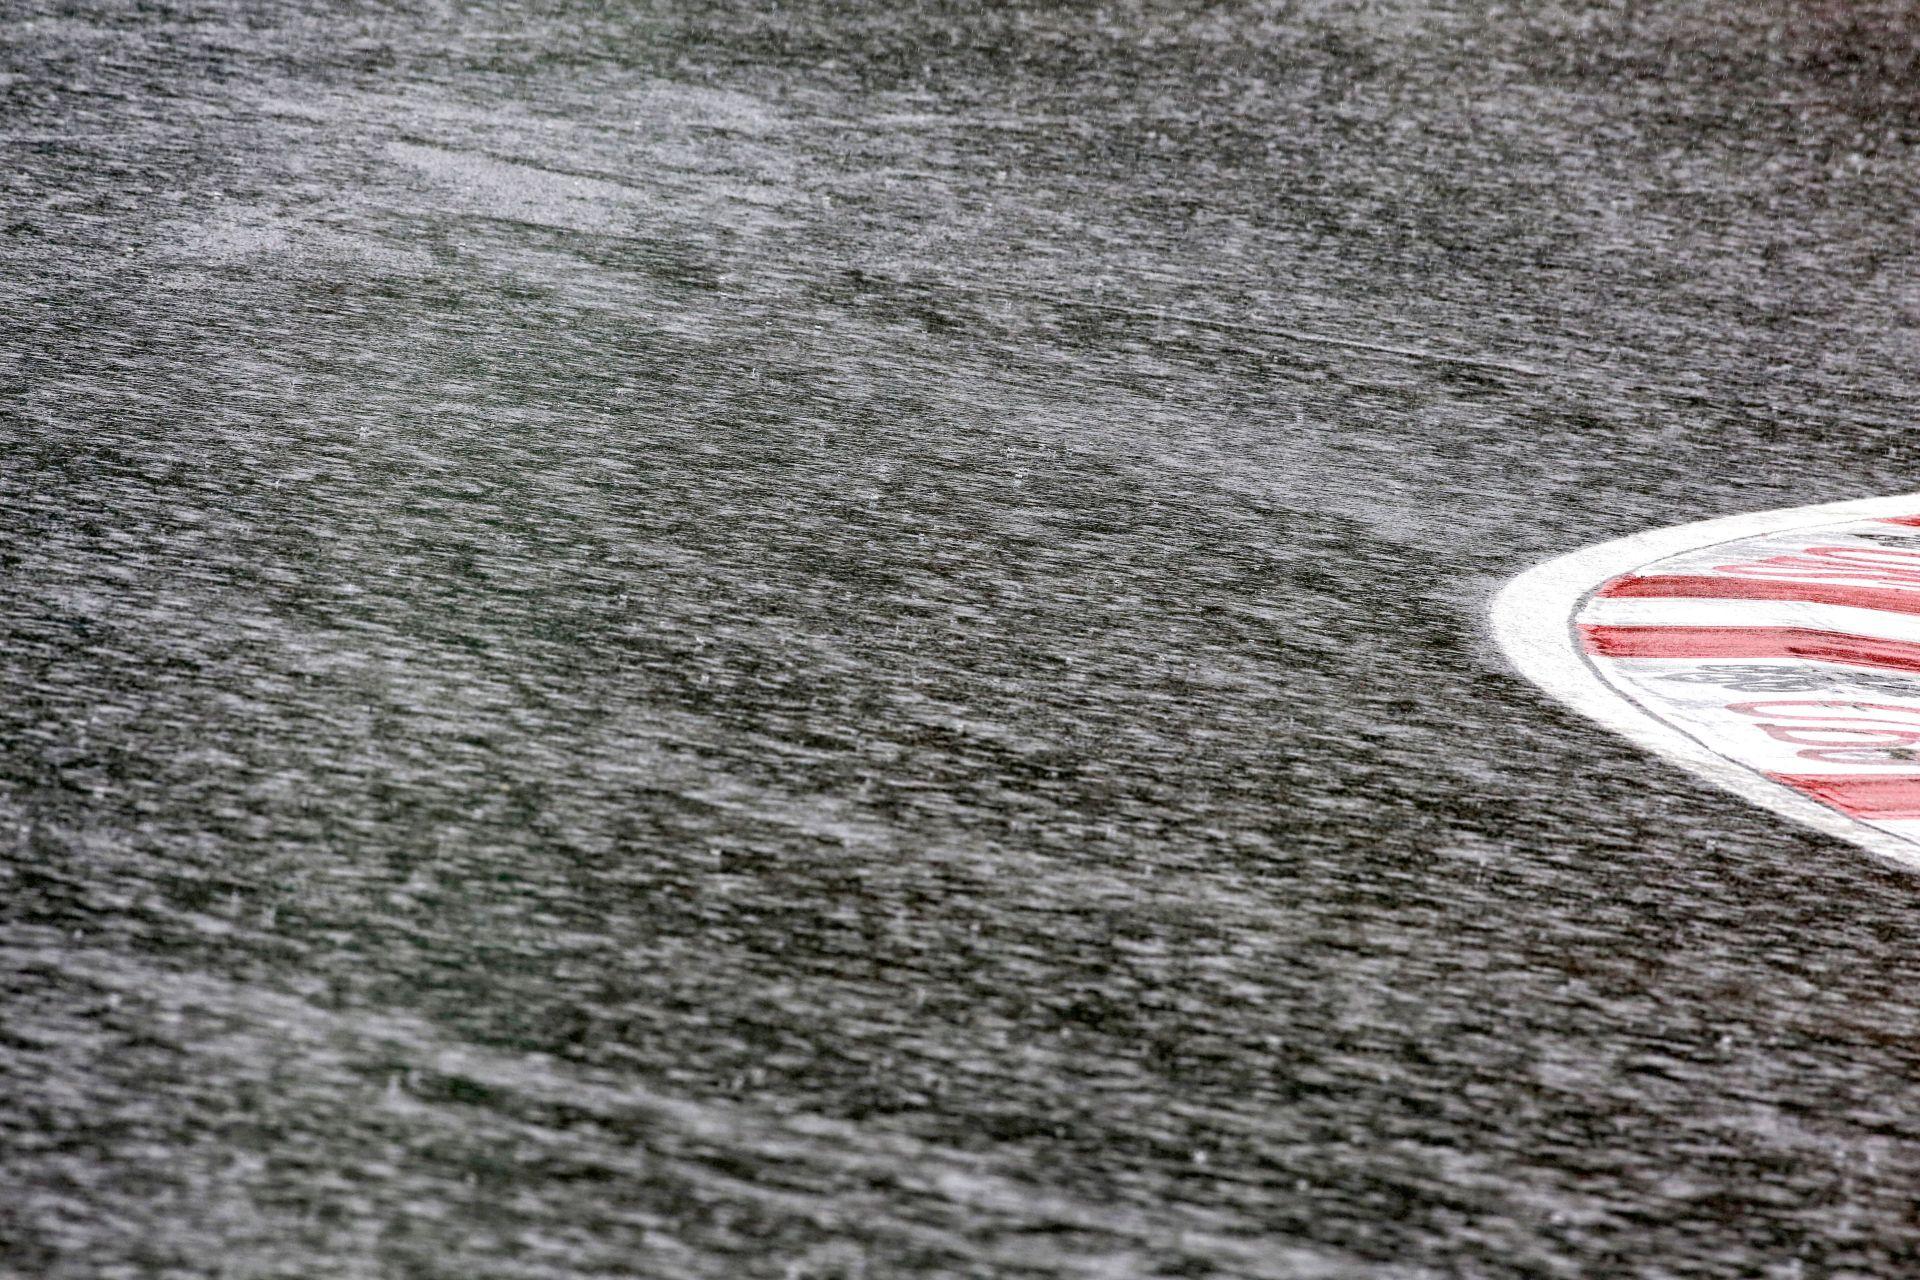 Leszakadt az ég az osztrák F1-es pálya felett: Újabb esőzések várhatóak